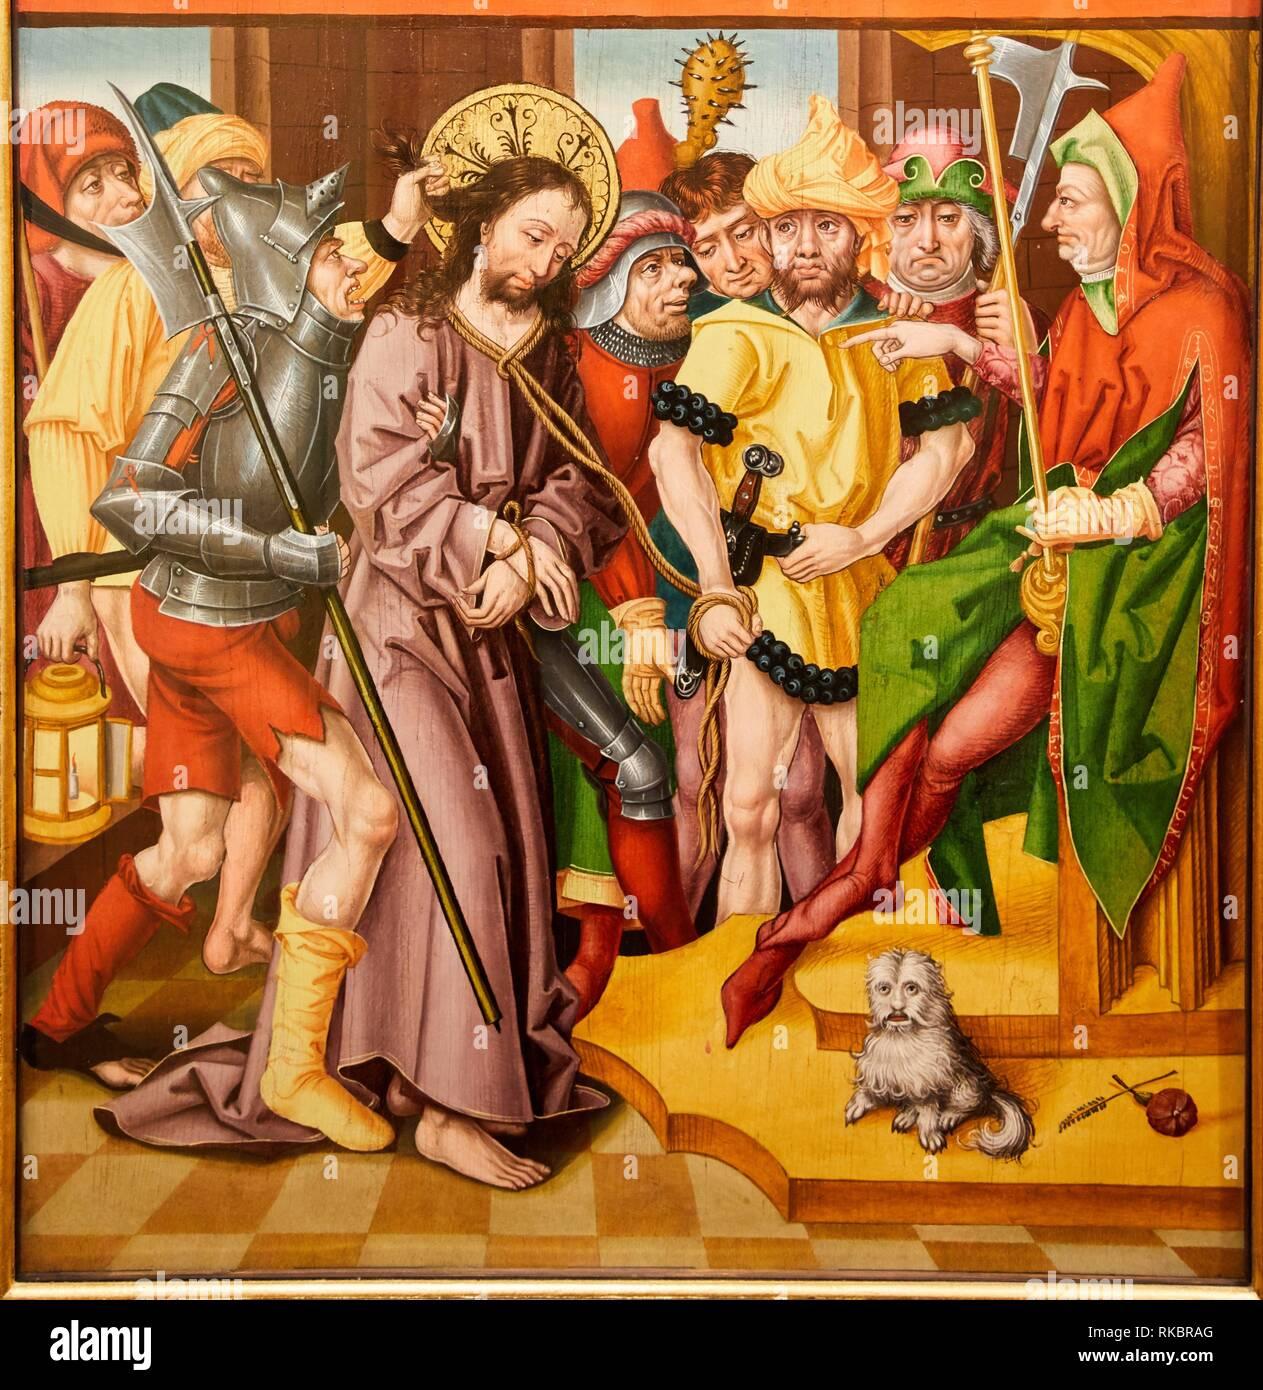 Altargemälde de la Passion, Maitre a l'Oeillet de Baden, Museum der Schönen Künste, Musée des Beaux-Arts, Dijon, Côte d'Or, Burgund, Bourgogne, Frankreich, Stockfoto